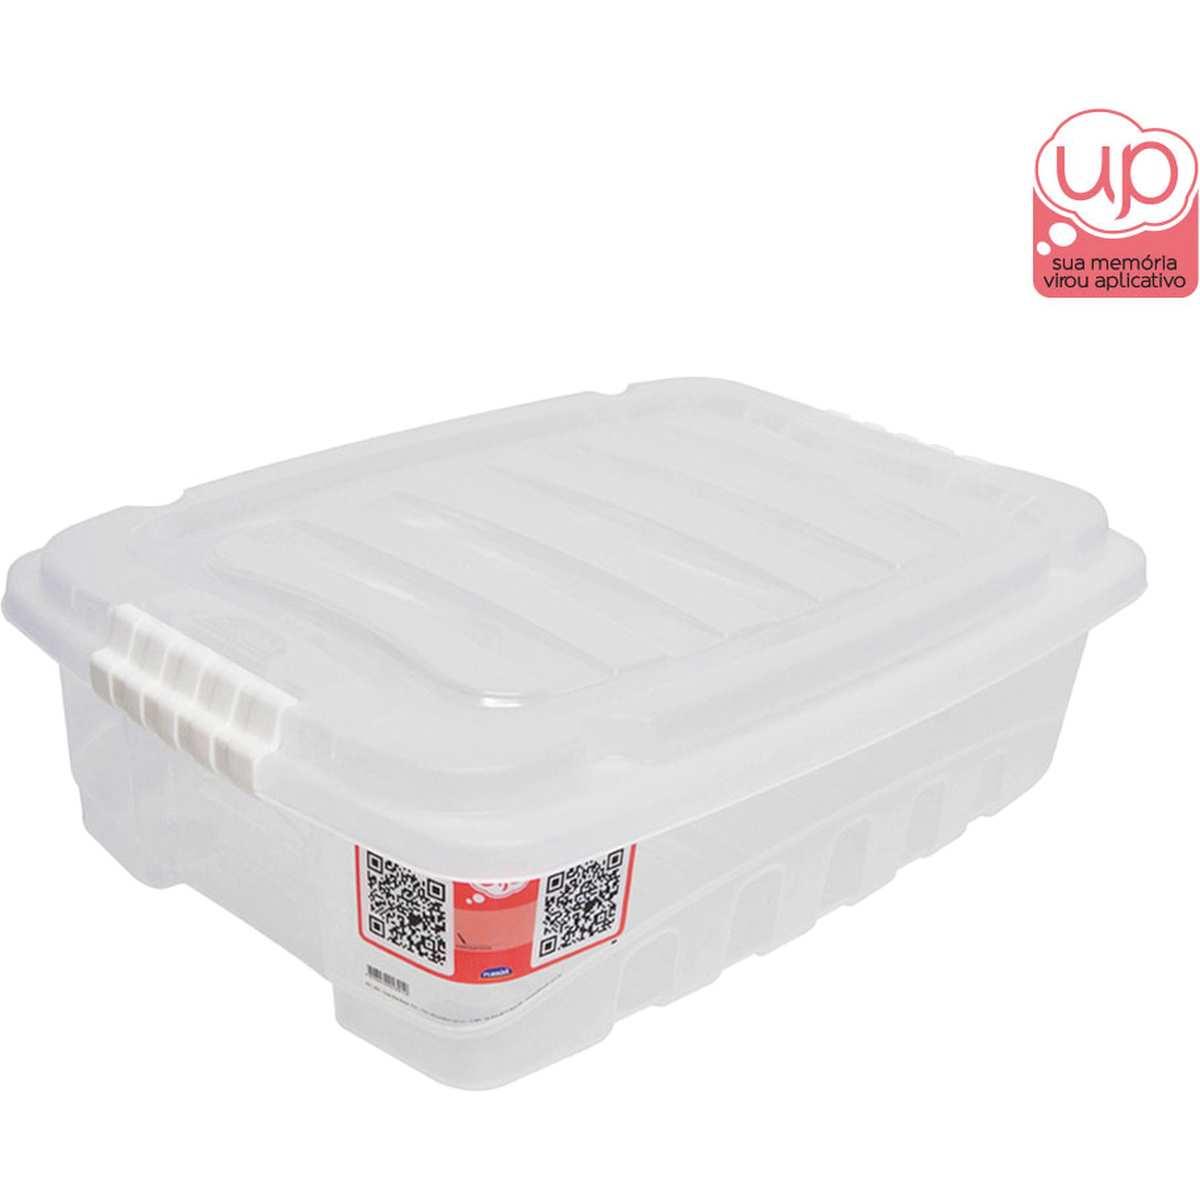 CAIXA PLASTICA MULTIUSO GRAN BOX BAIXA INCOLOR 9,3L